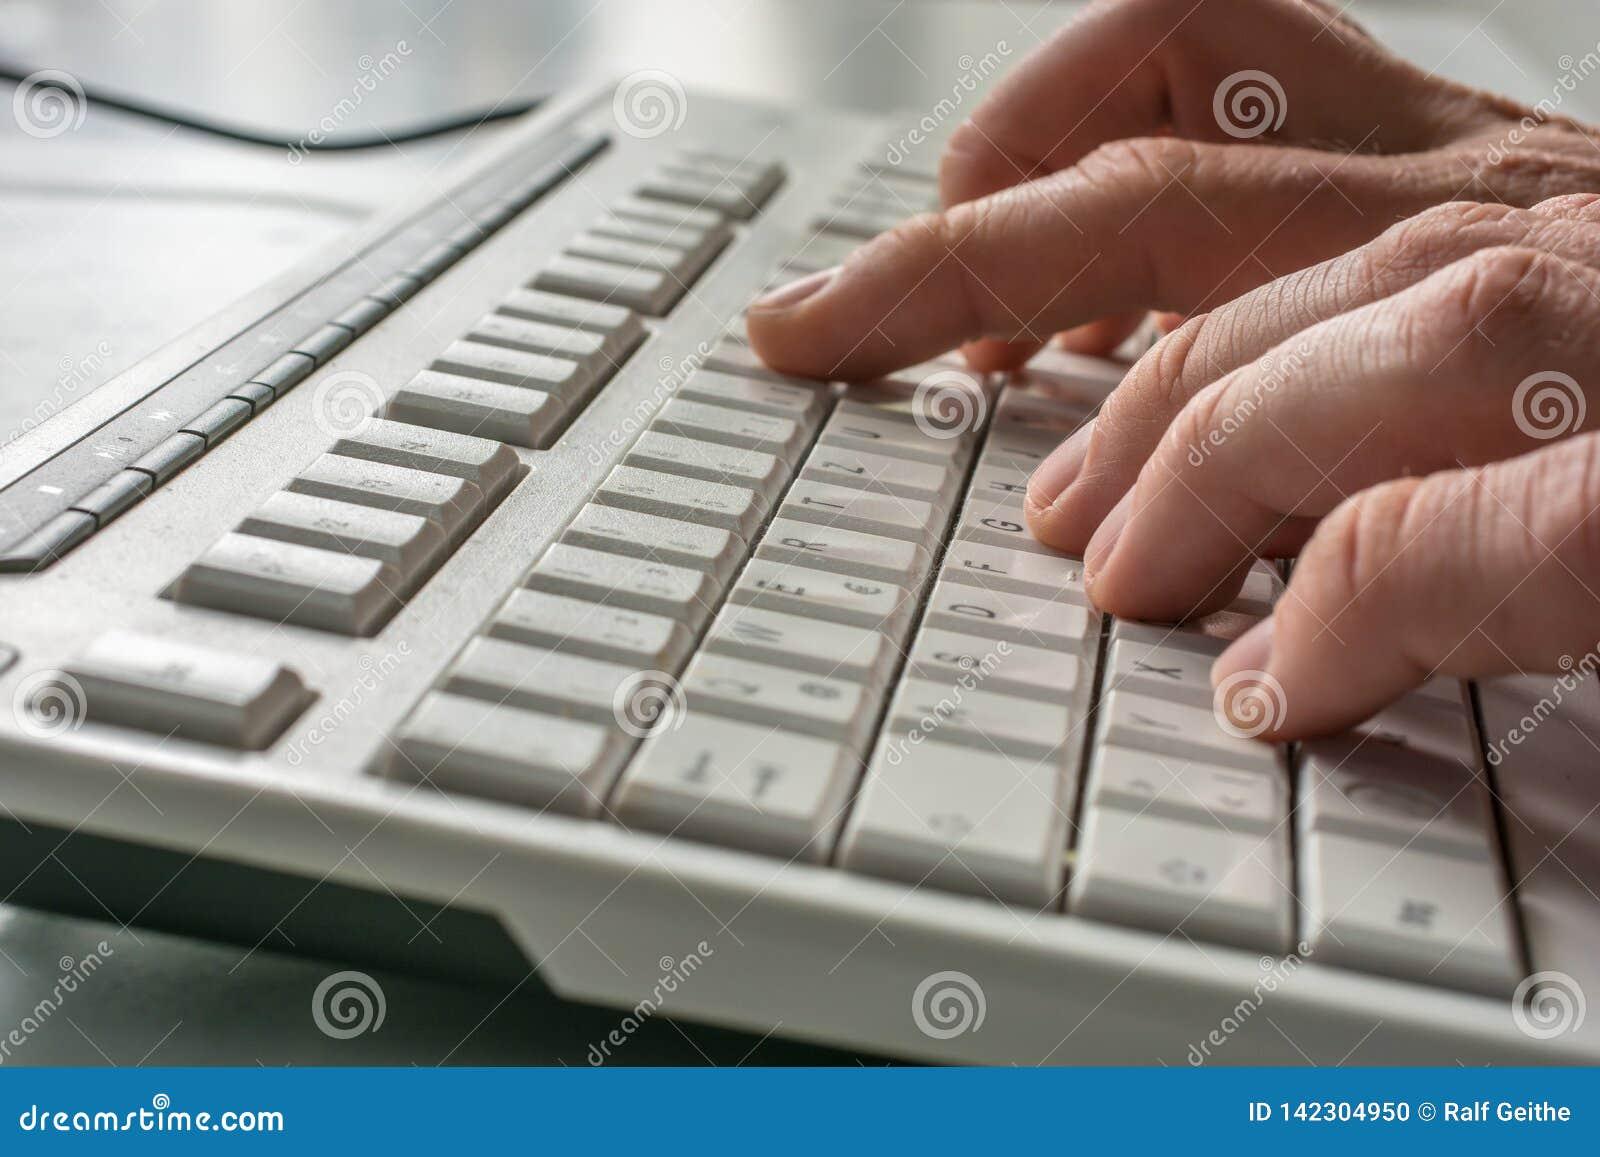 Vue de côté des doigts dactylographiant sur un clavier d ordinateur